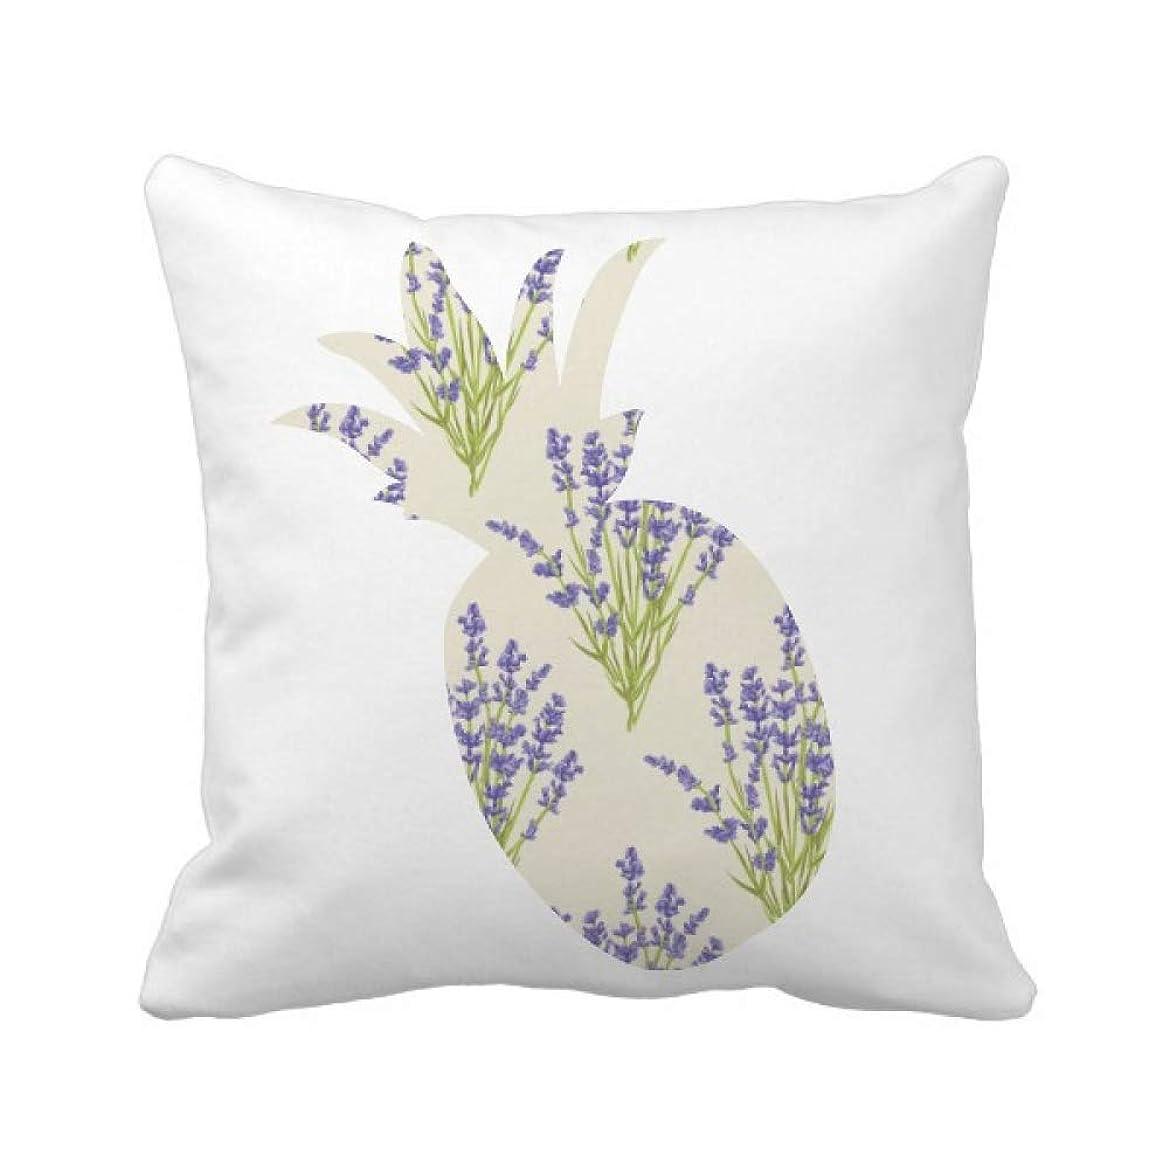 ビート和遅れ植物の花の絵のラベンダー パイナップル枕カバー正方形を投げる 50cm x 50cm